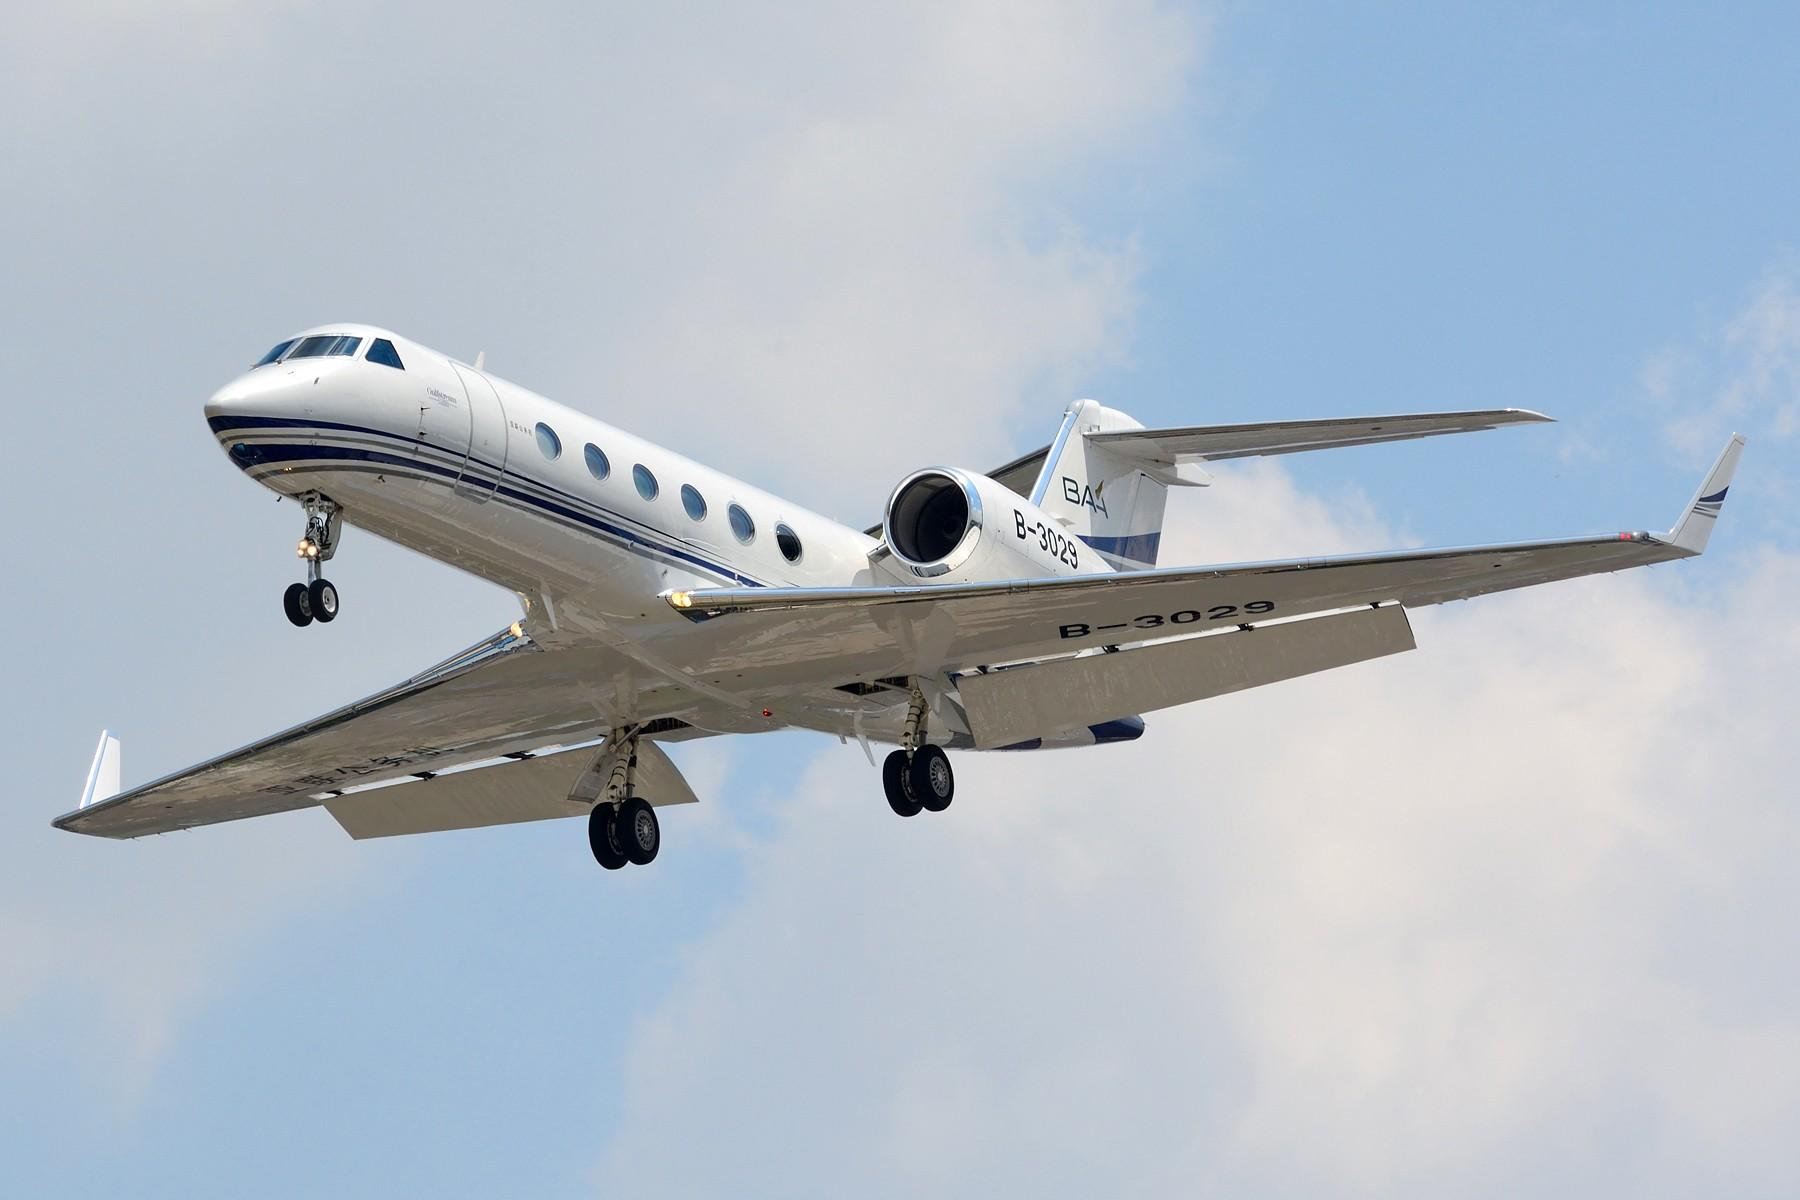 Re:[原创]【SHA】山东航空第一架景芝号彩绘 B-7977 GULFSTREAM G350 B-3029 中国上海虹桥国际机场